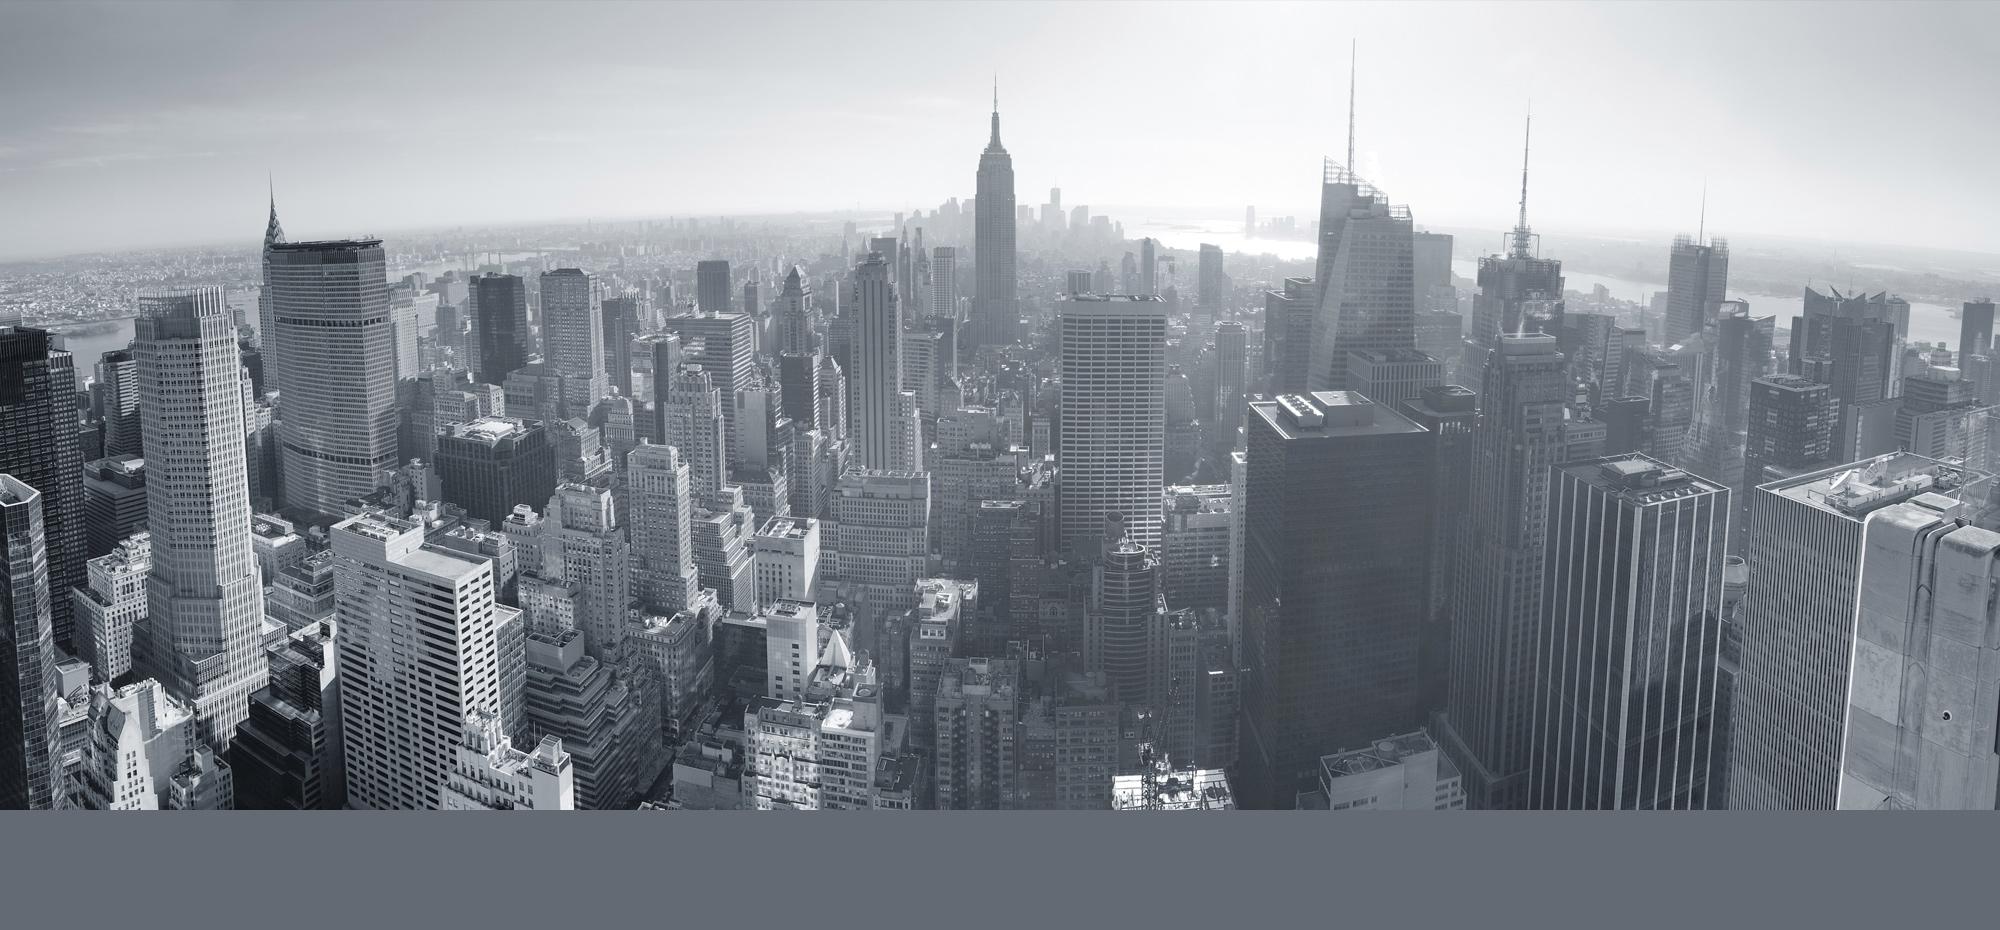 панорама города фото черно белое